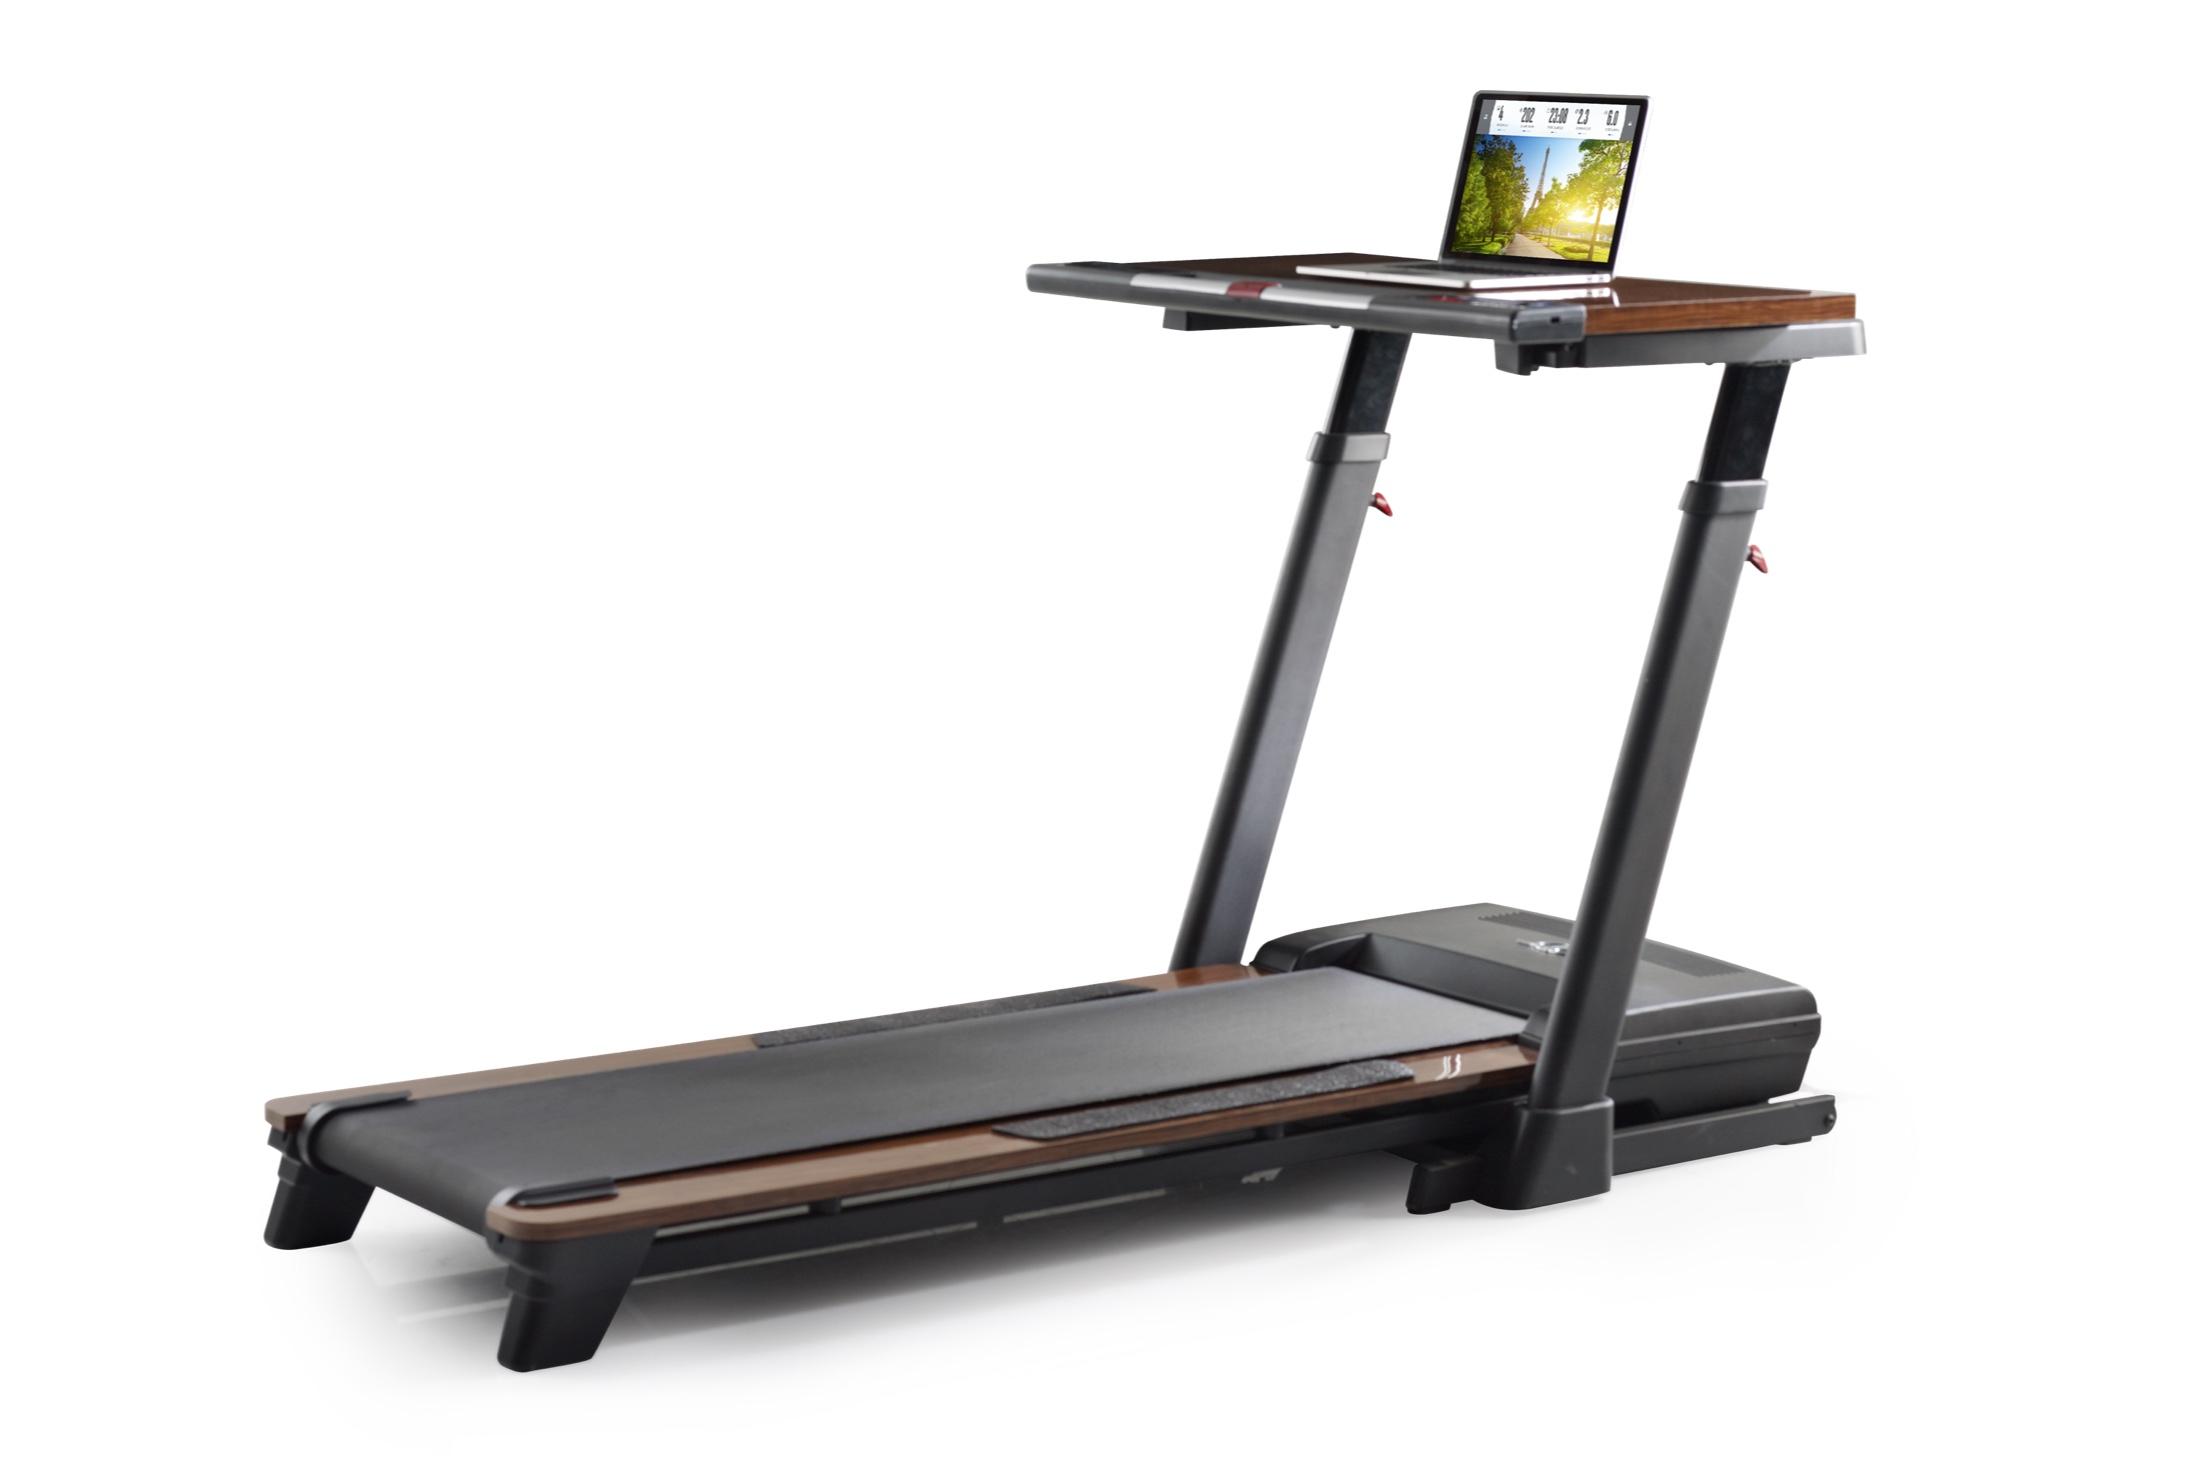 NordicTrack Treadmill Desk gallery image 1